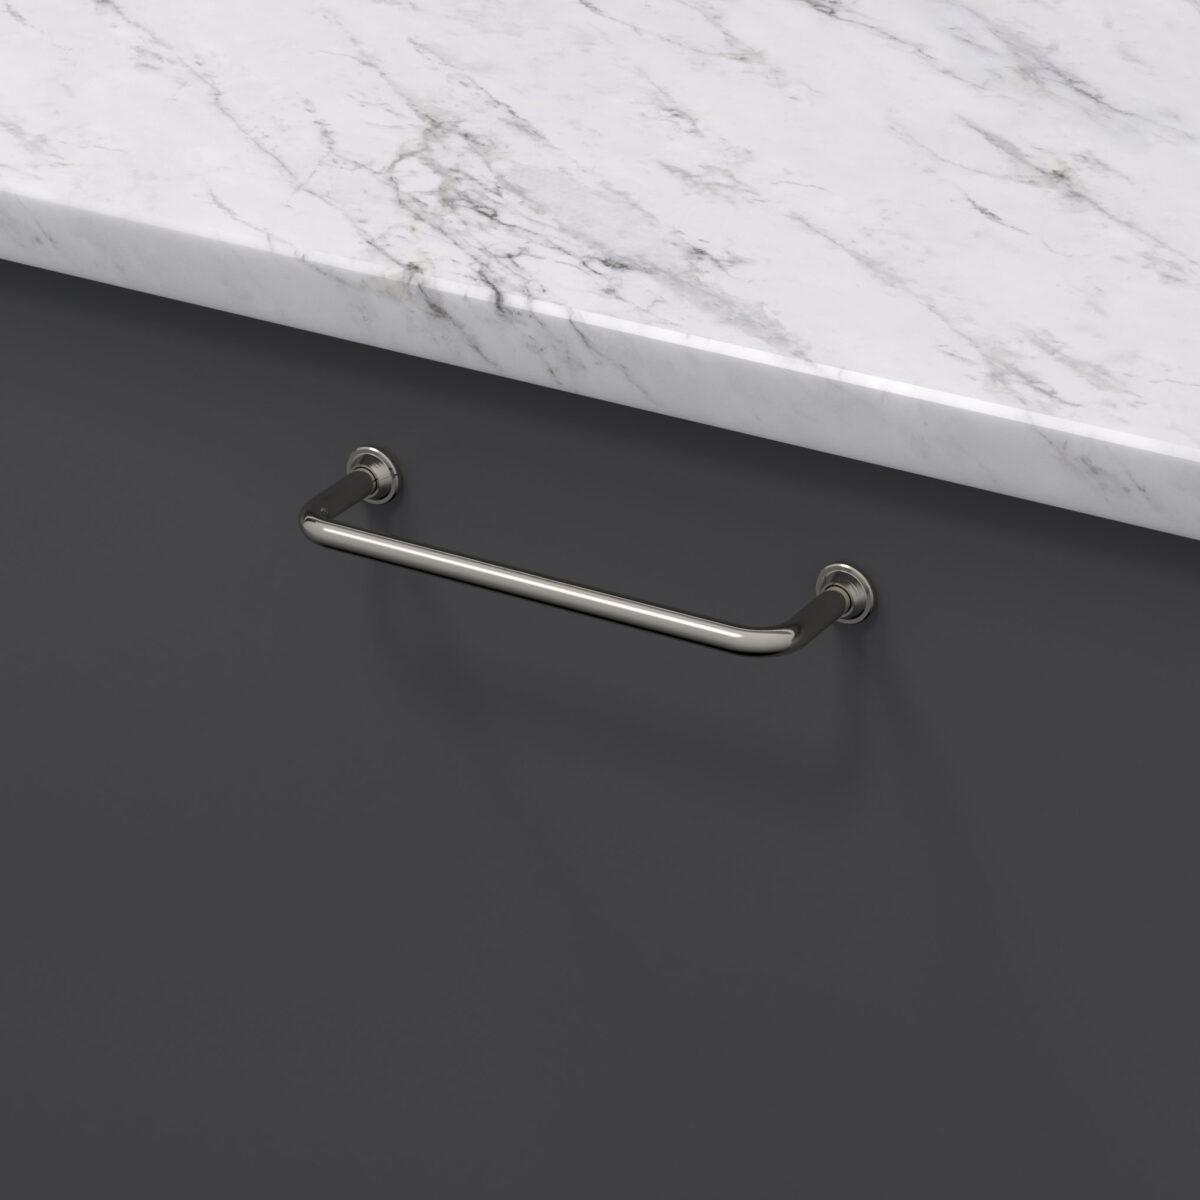 Handtag 1353 fornicklad 33061 11 cc 128 mm ncs s 7500 n marmor carrara